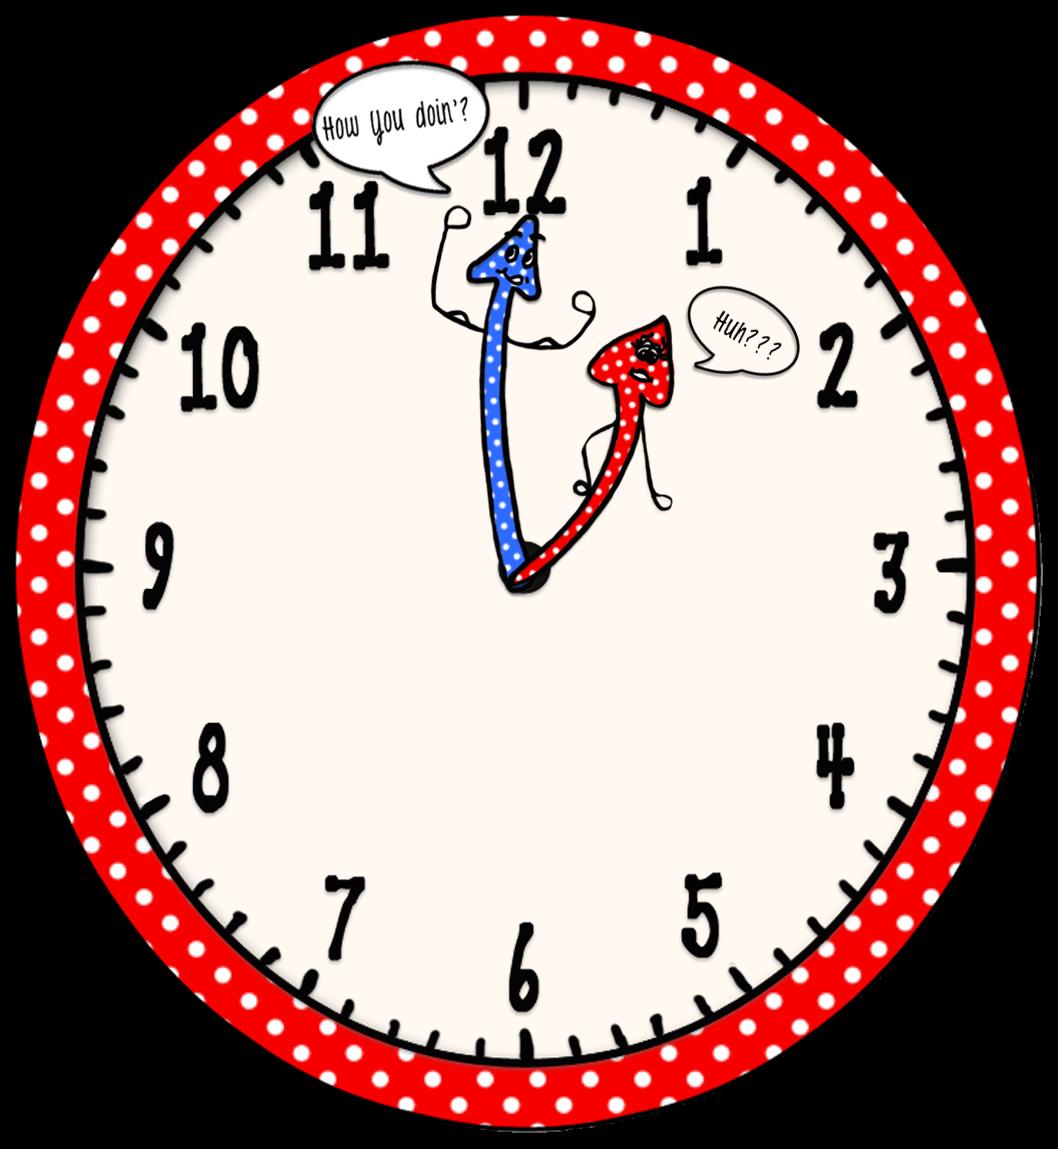 The teacher new stuff. Clipart clock 8 am